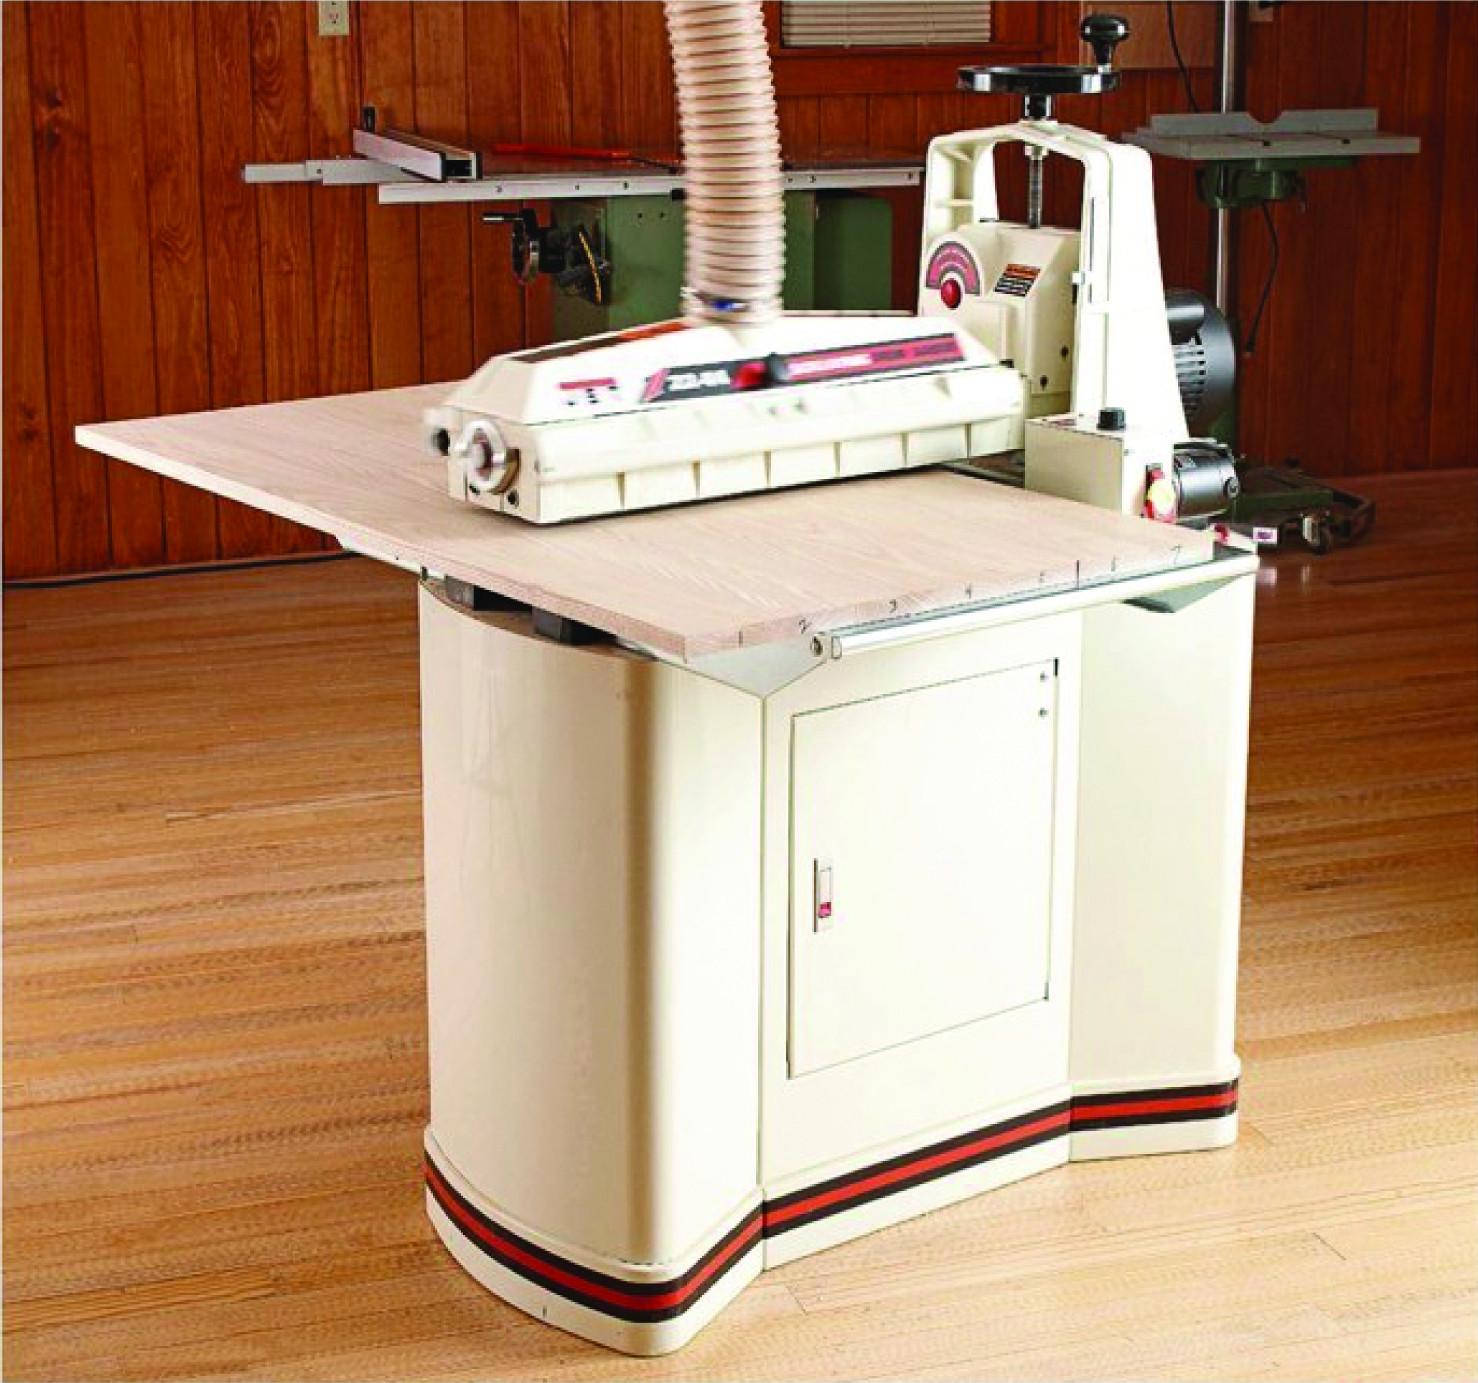 22-44 OSC Барабанный шлифовальный станок с осцилляцией фото 4